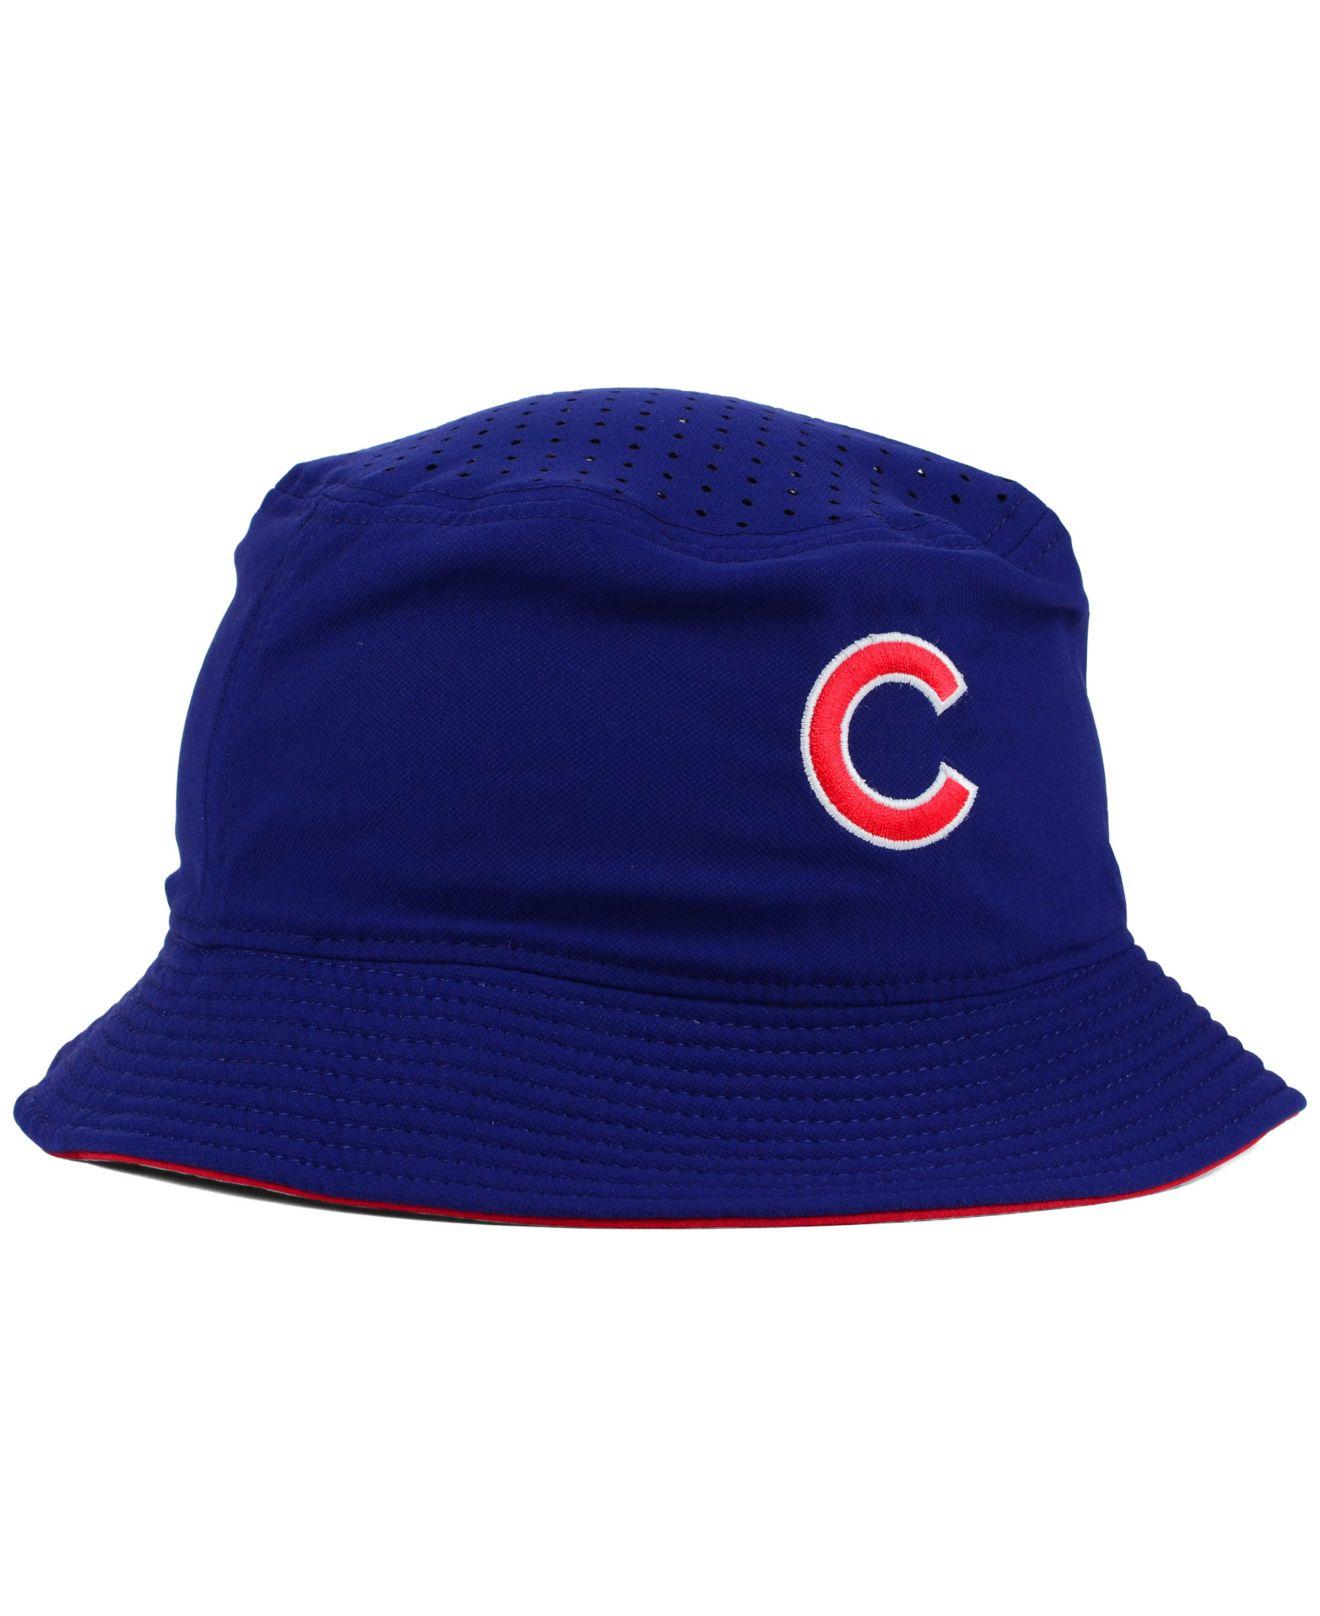 377af0696 Nike Chicago Cubs Vapor Dri-Fit Bucket Hat in Blue for Men - Lyst